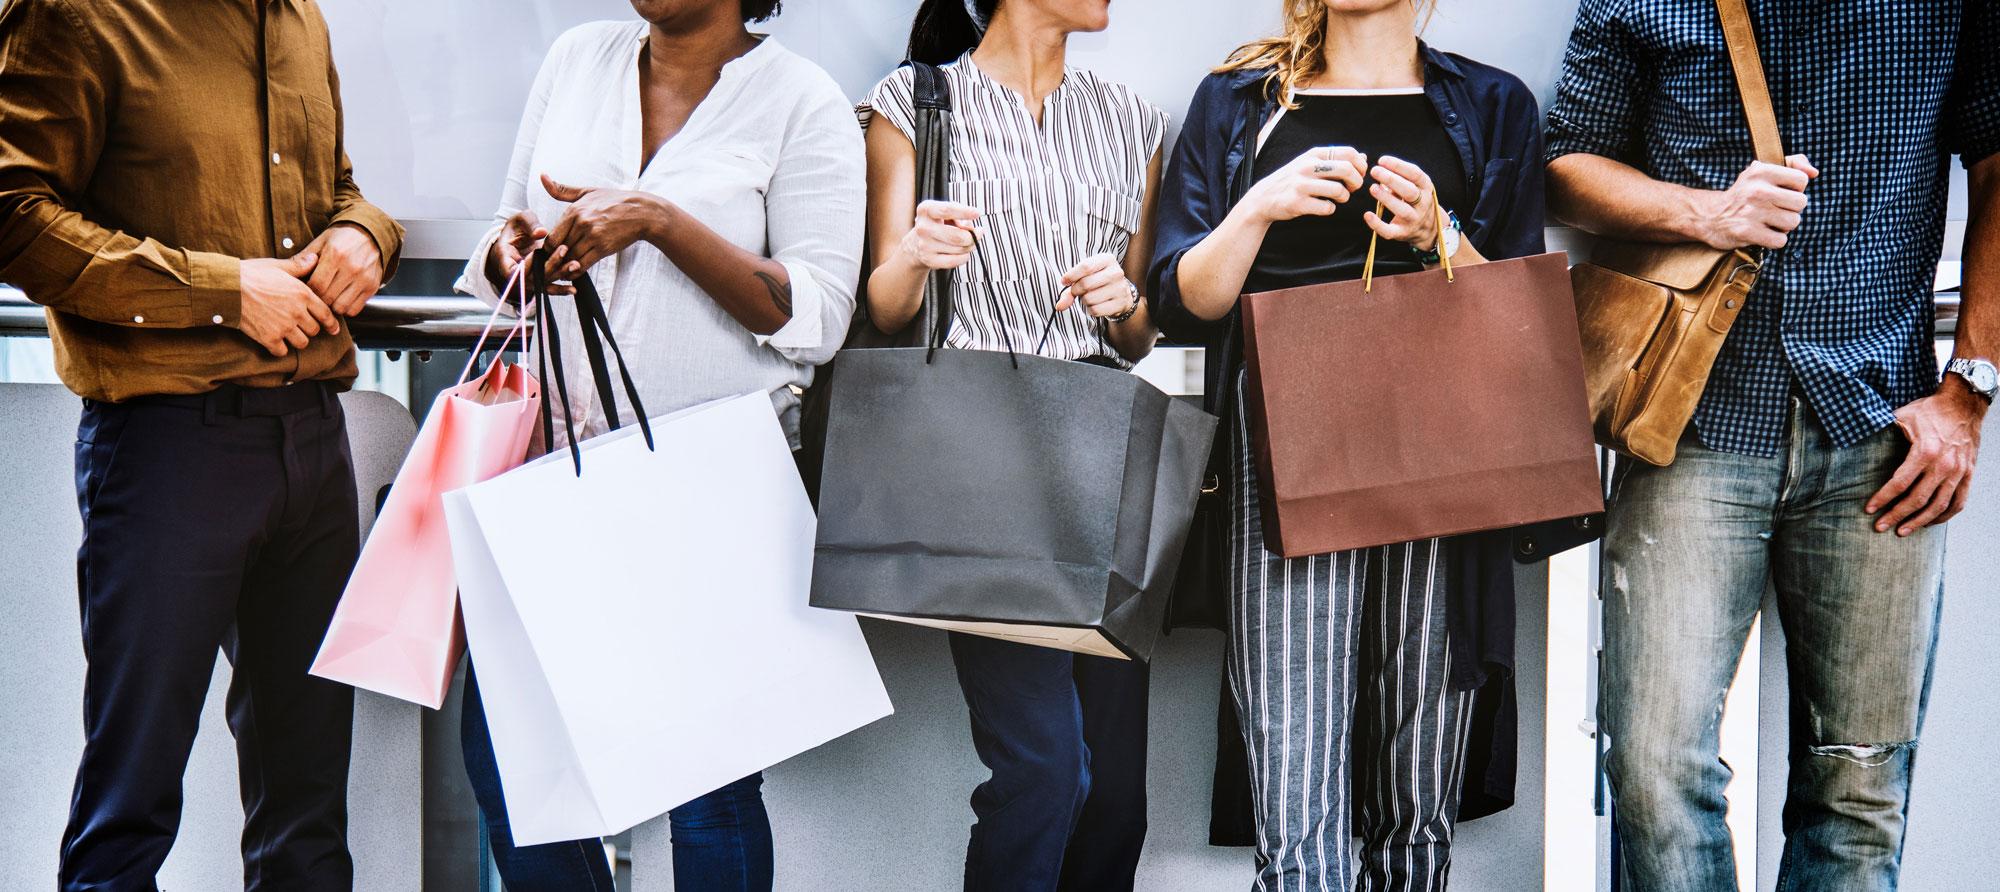 instagram-per-negozi-8-consigli-pratici